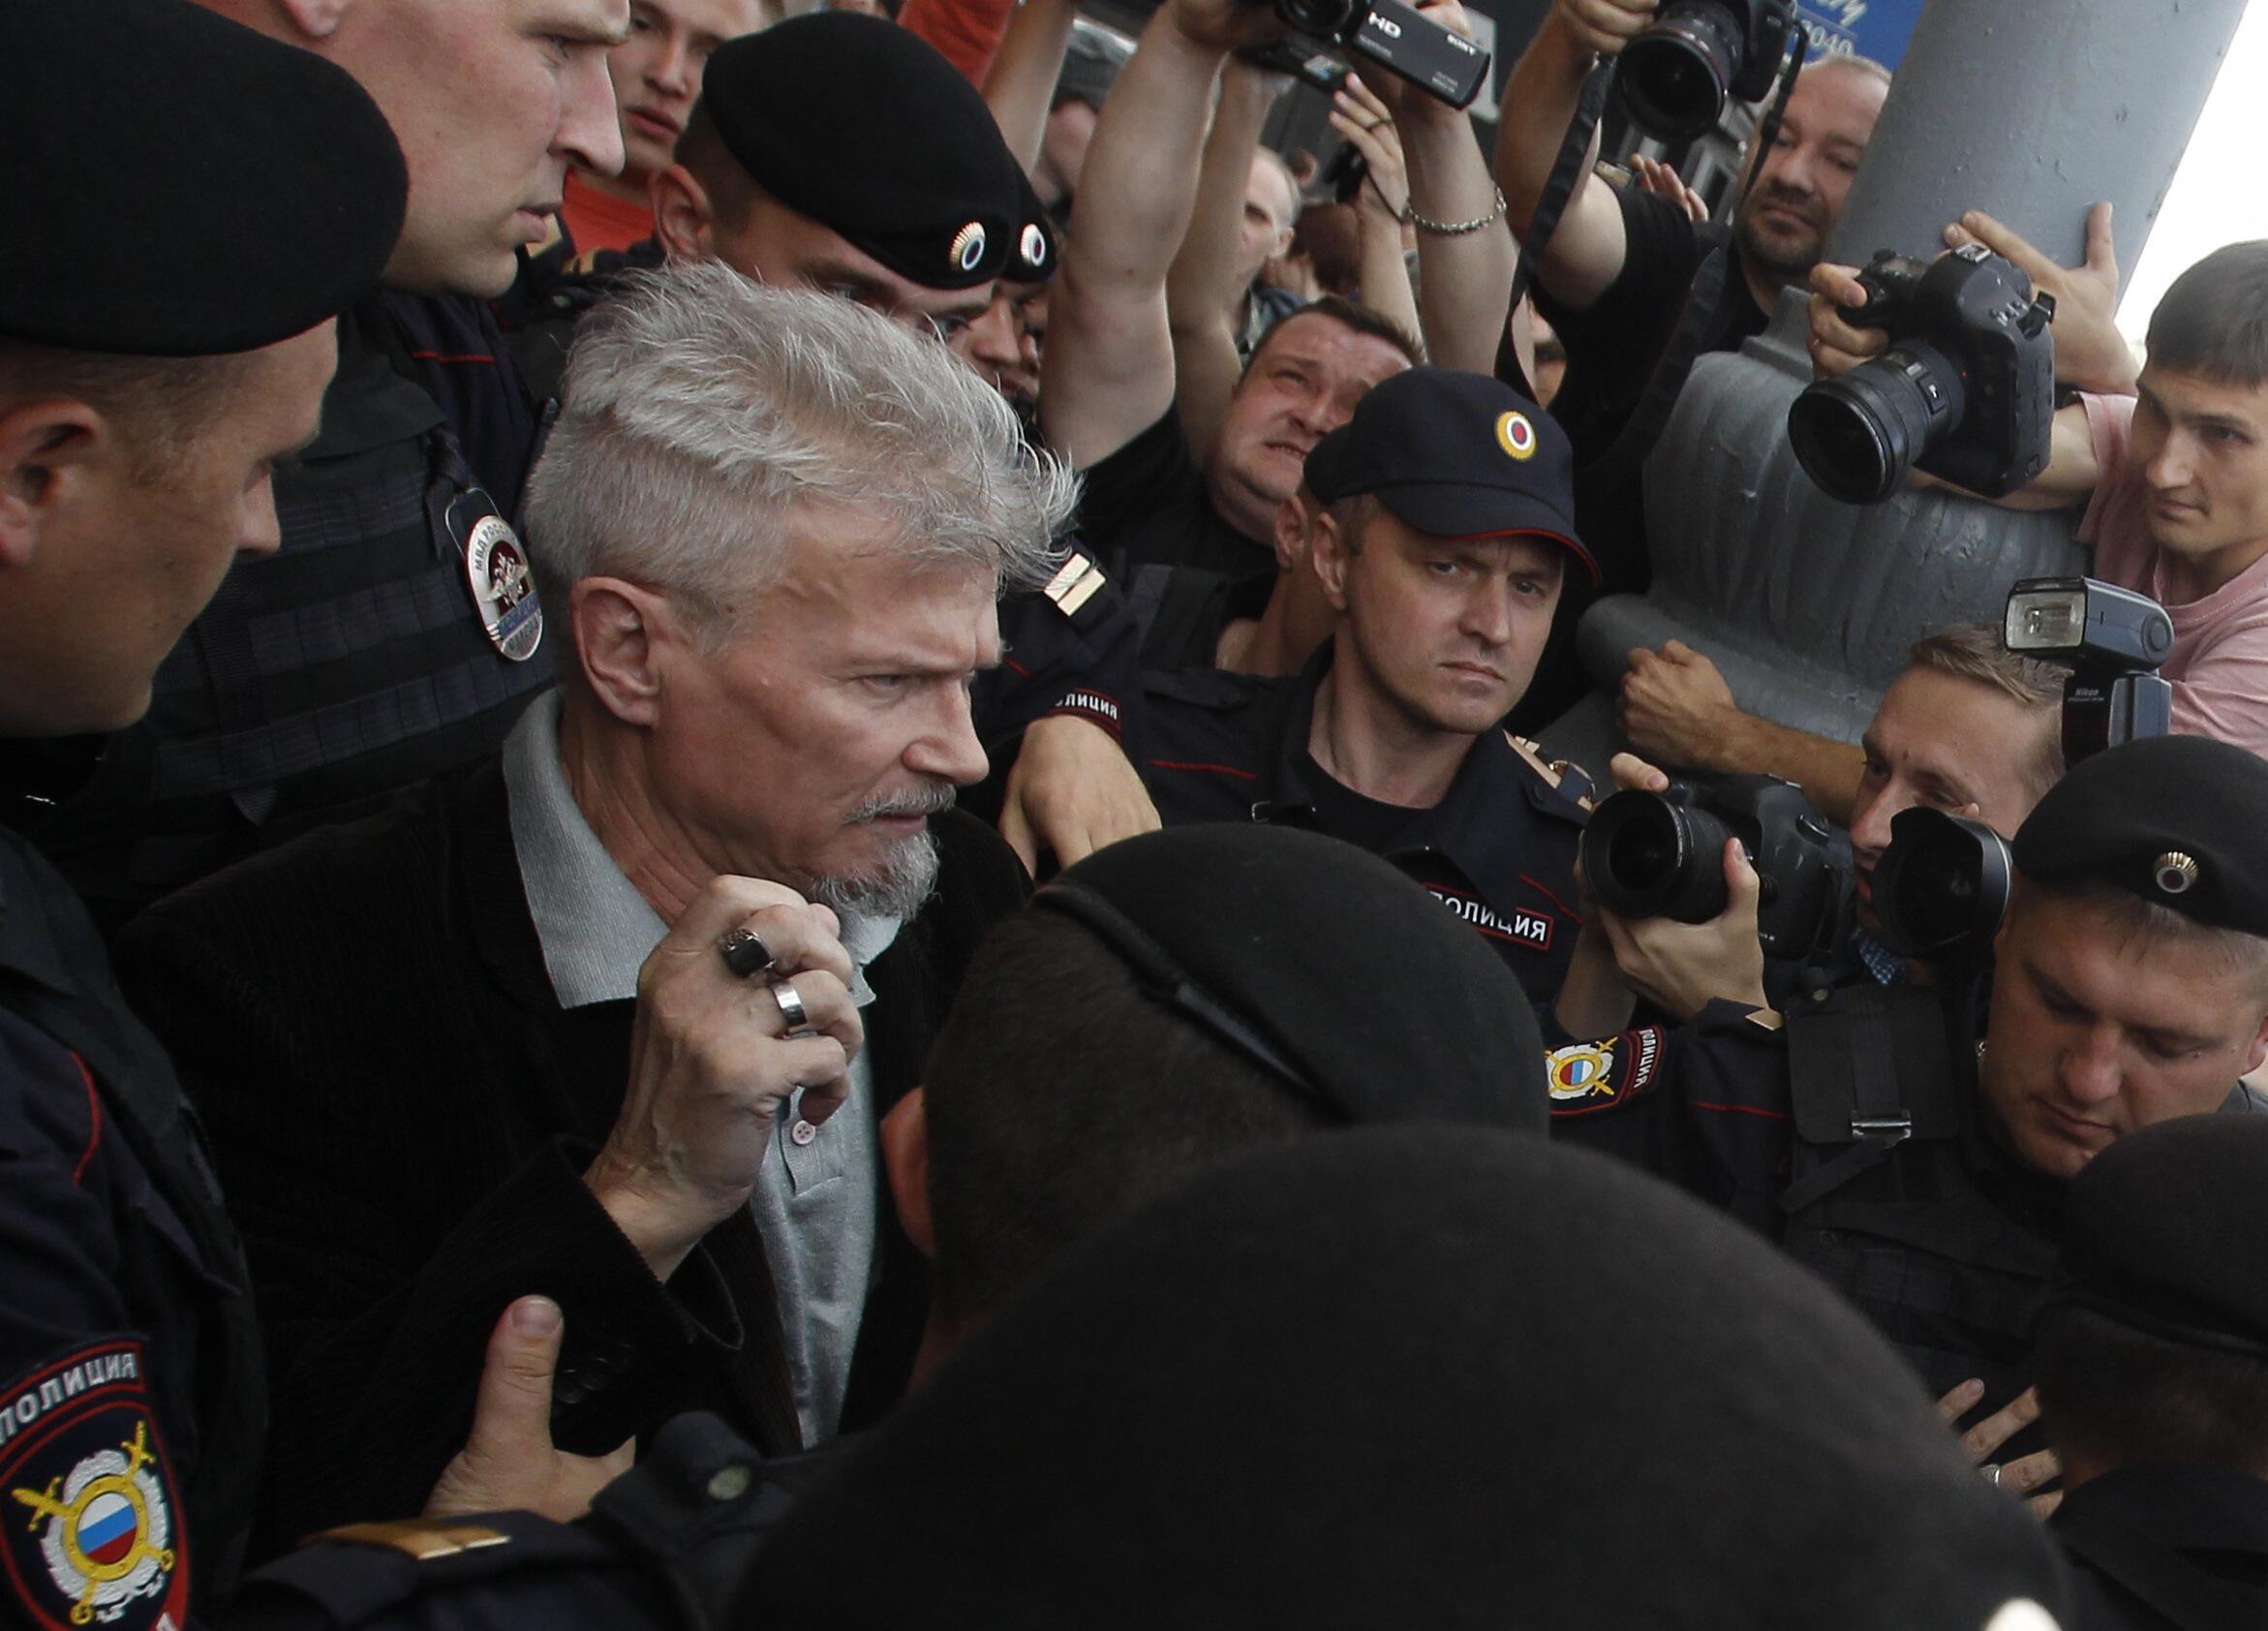 Момент задержания Эдуарда Лимонова возле Триумфальной площади, куда он не был допущен для проведения акции Стратегии-31. Москва 31/07/2013